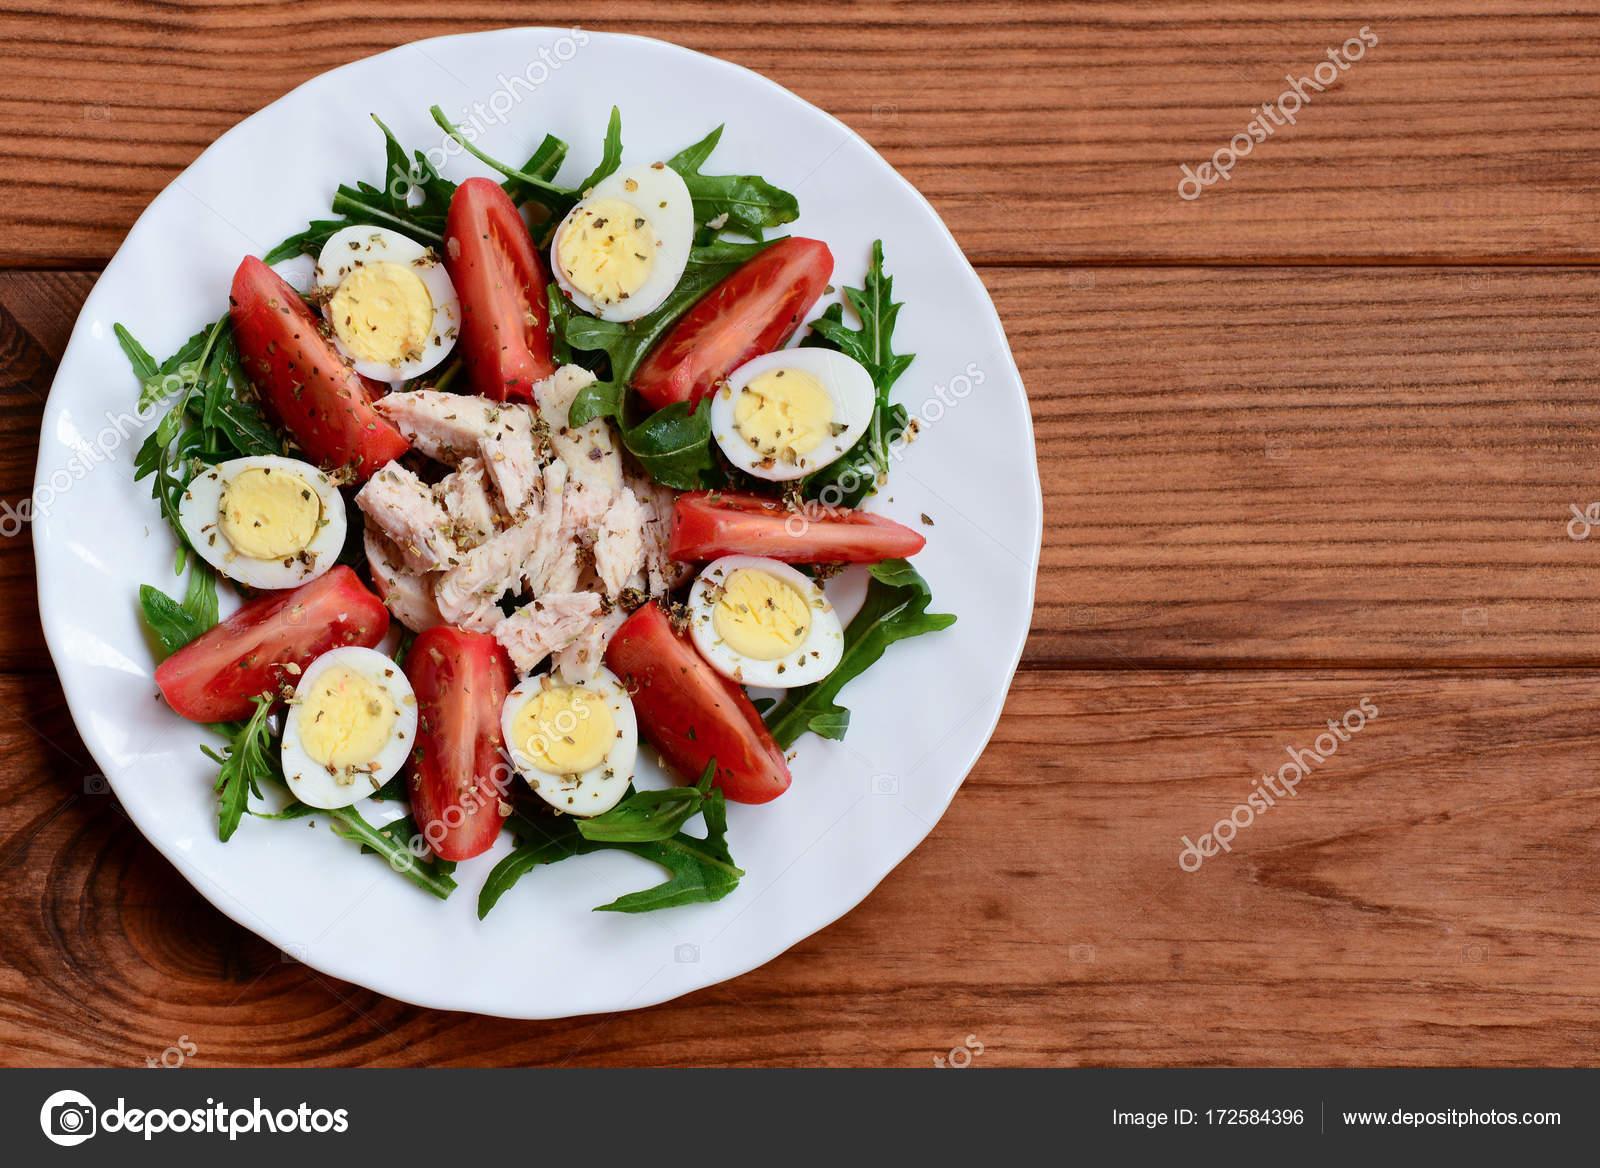 Swiezy Kurczak Warzywo Salatka Pomysl Na Obiad Lub Kolacje Salatka